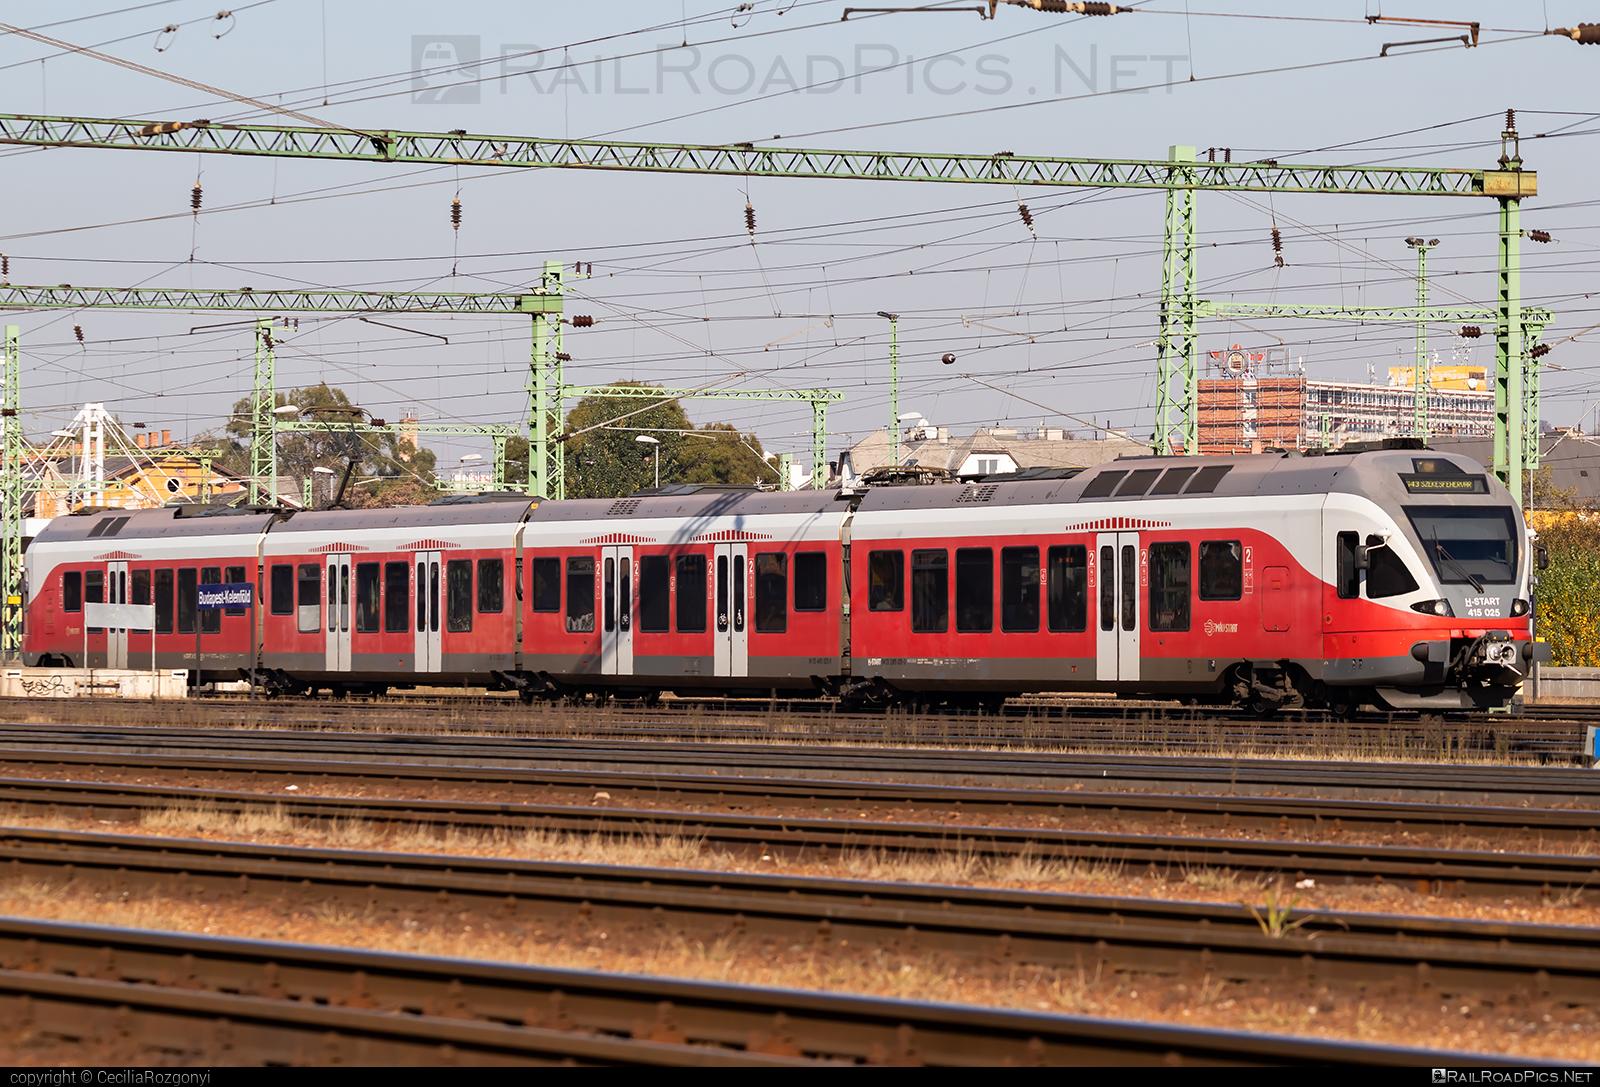 Stadler FLIRT - 415 025 operated by MÁV-START ZRt. #mav #mavstart #mavstartzrt #stadler #stadlerflirt #stadlerrail #stadlerrailag